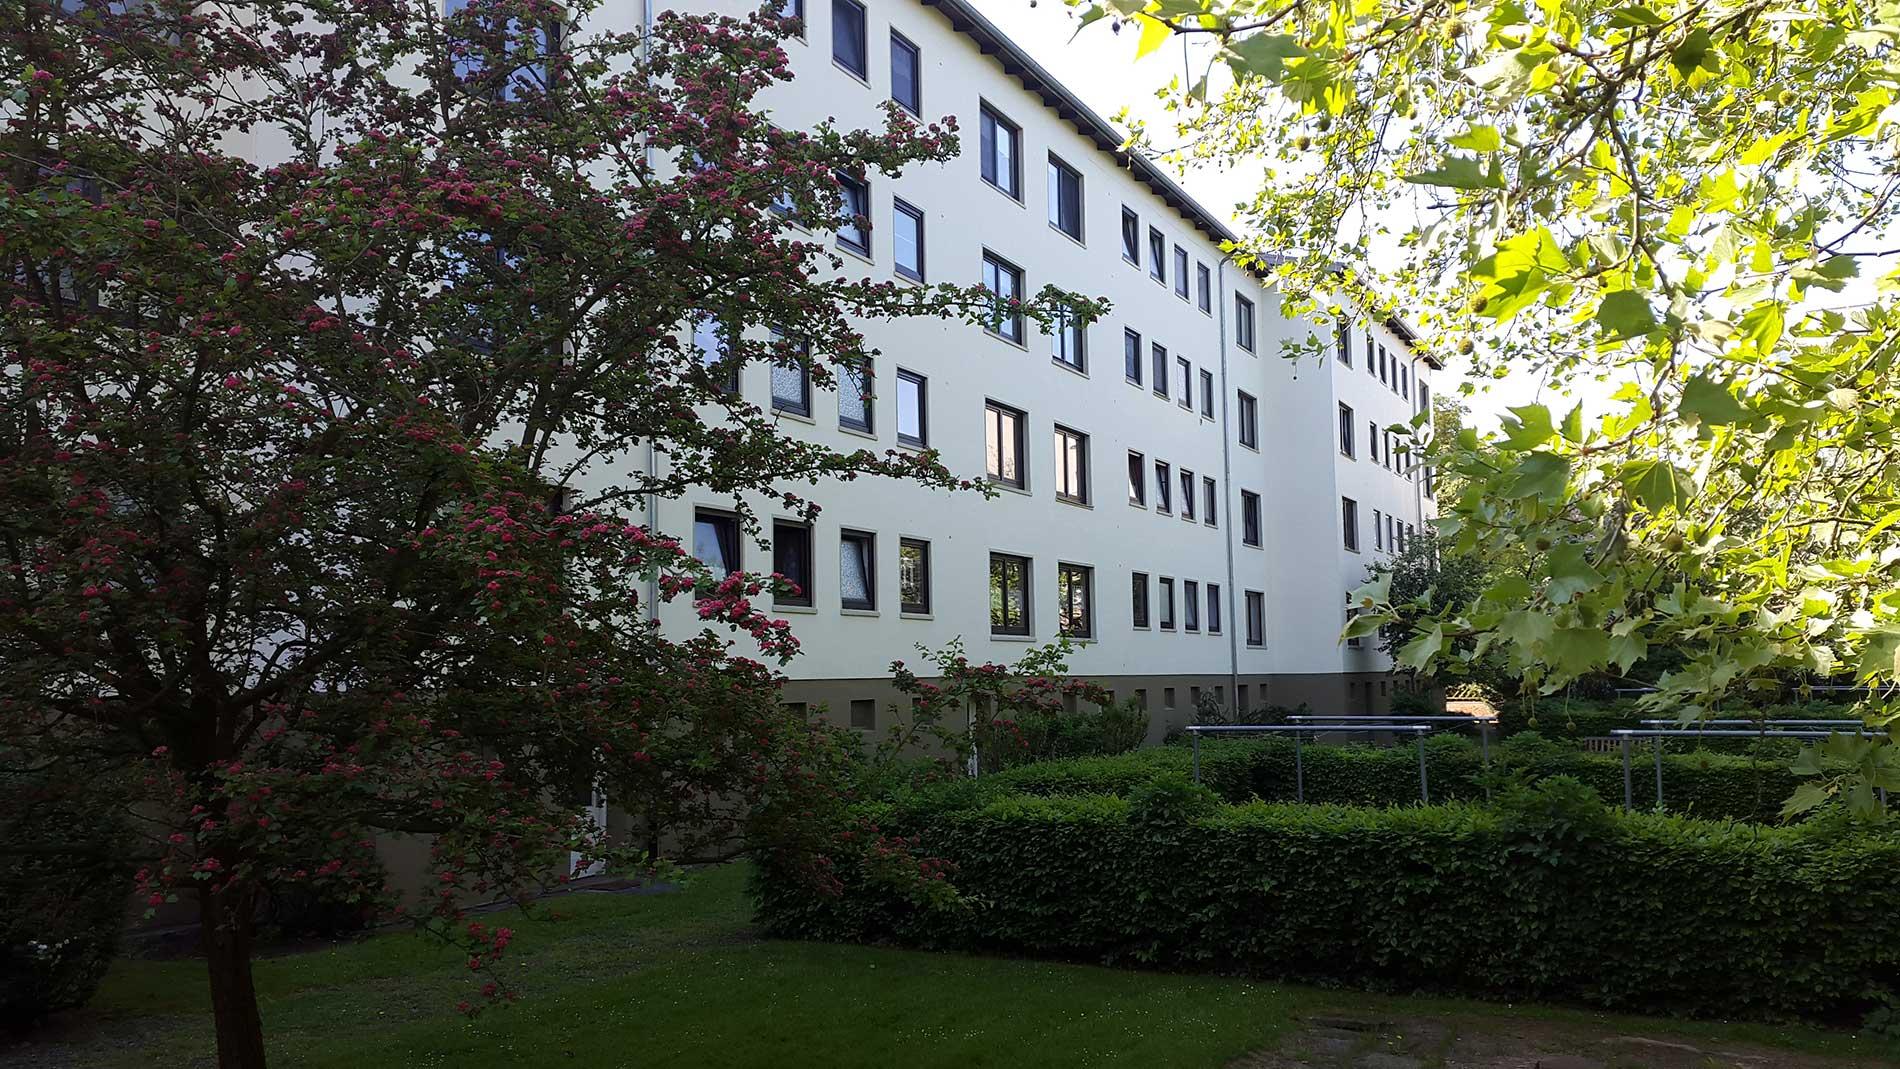 Ansicht Depkenstrasse 42 - 48 Garten